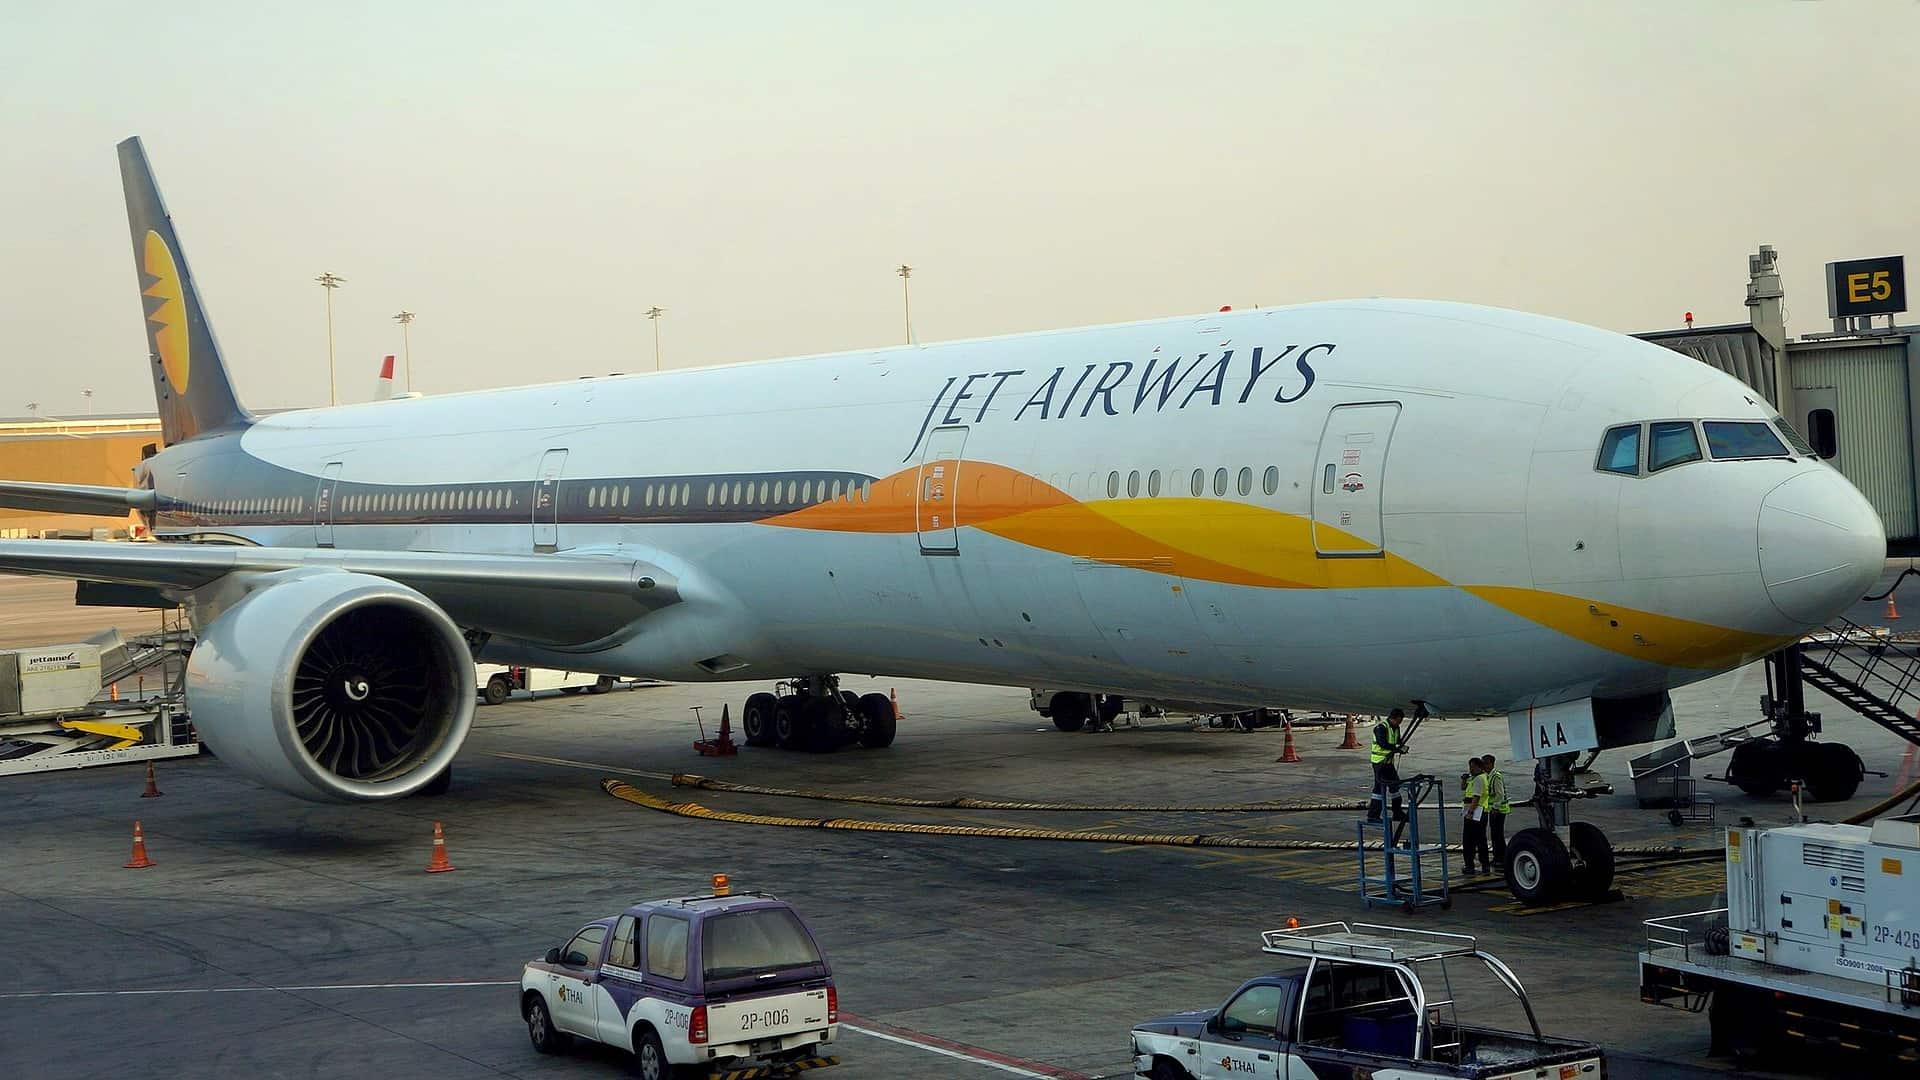 Jet Airways Insolvenz kampf geht in die nächste Runde